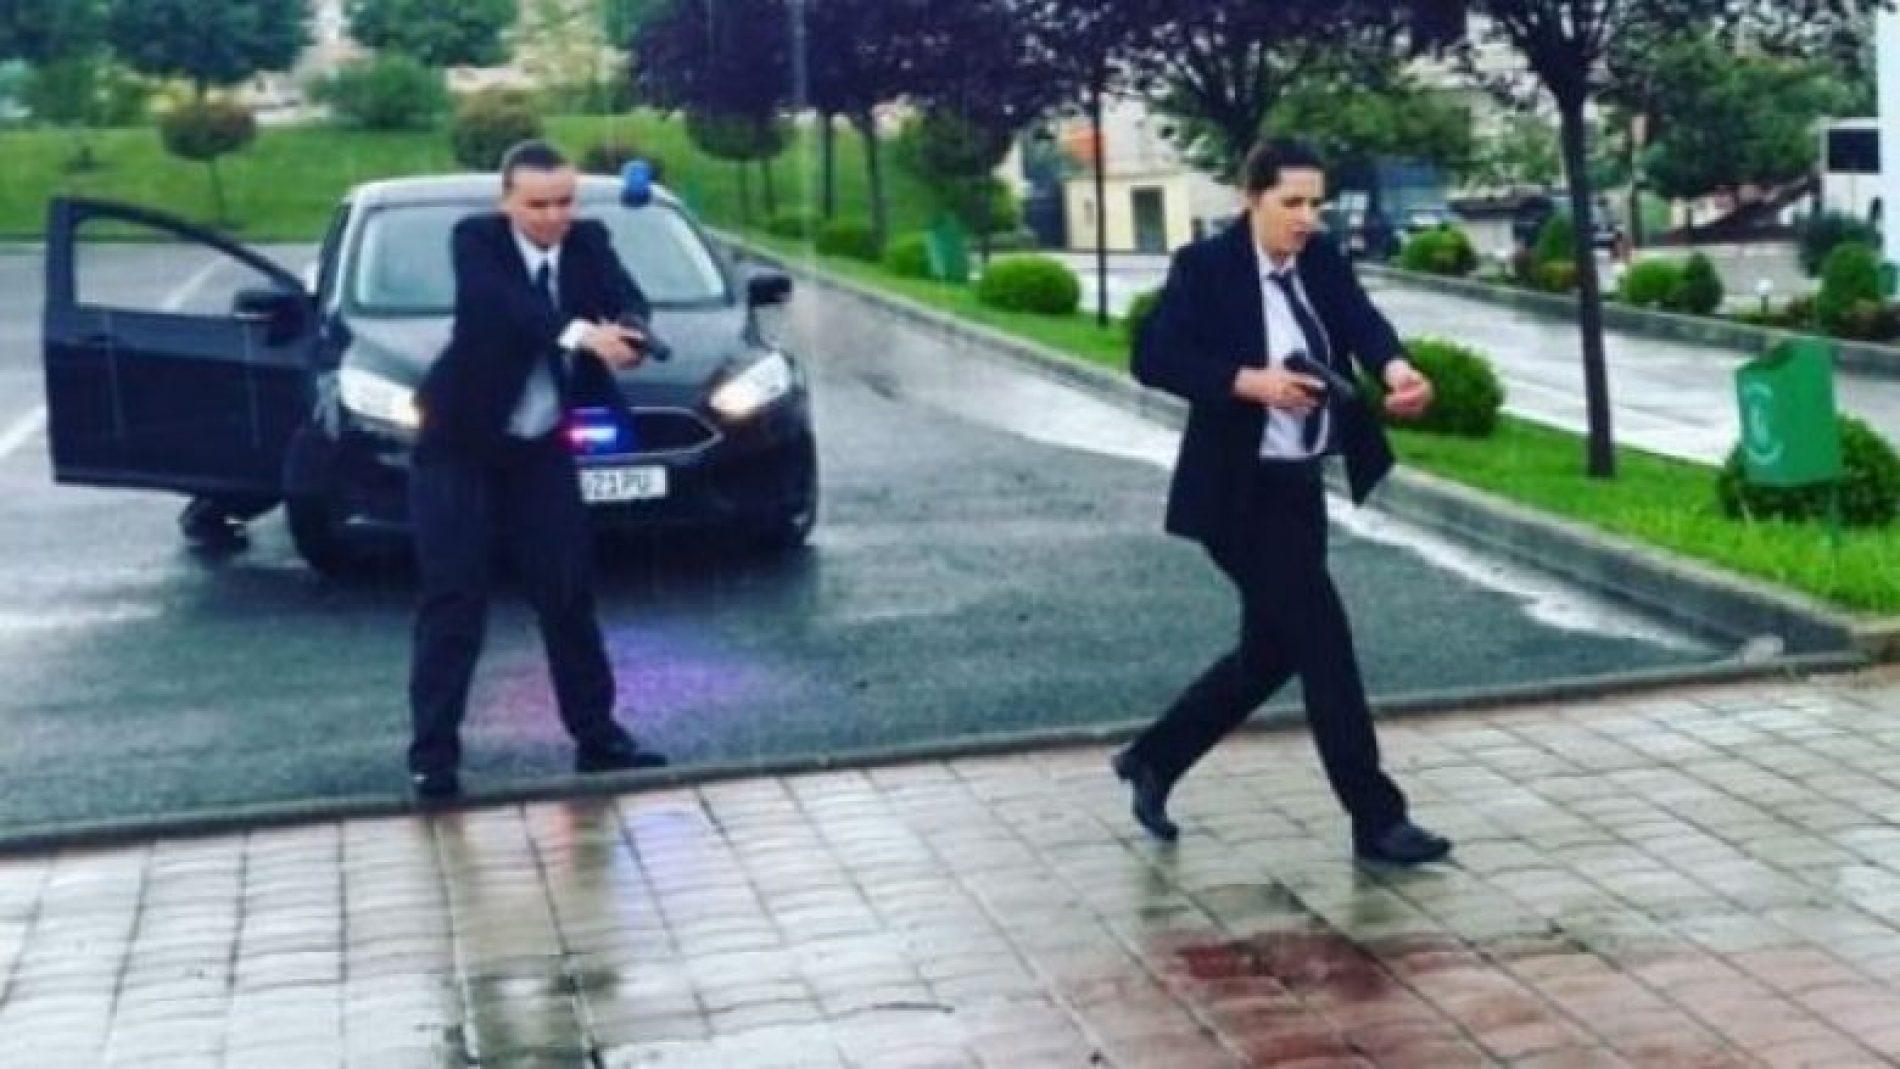 Këto janë katër femrat shqiptare që punojnë si truproja për VIP-at (Foto)